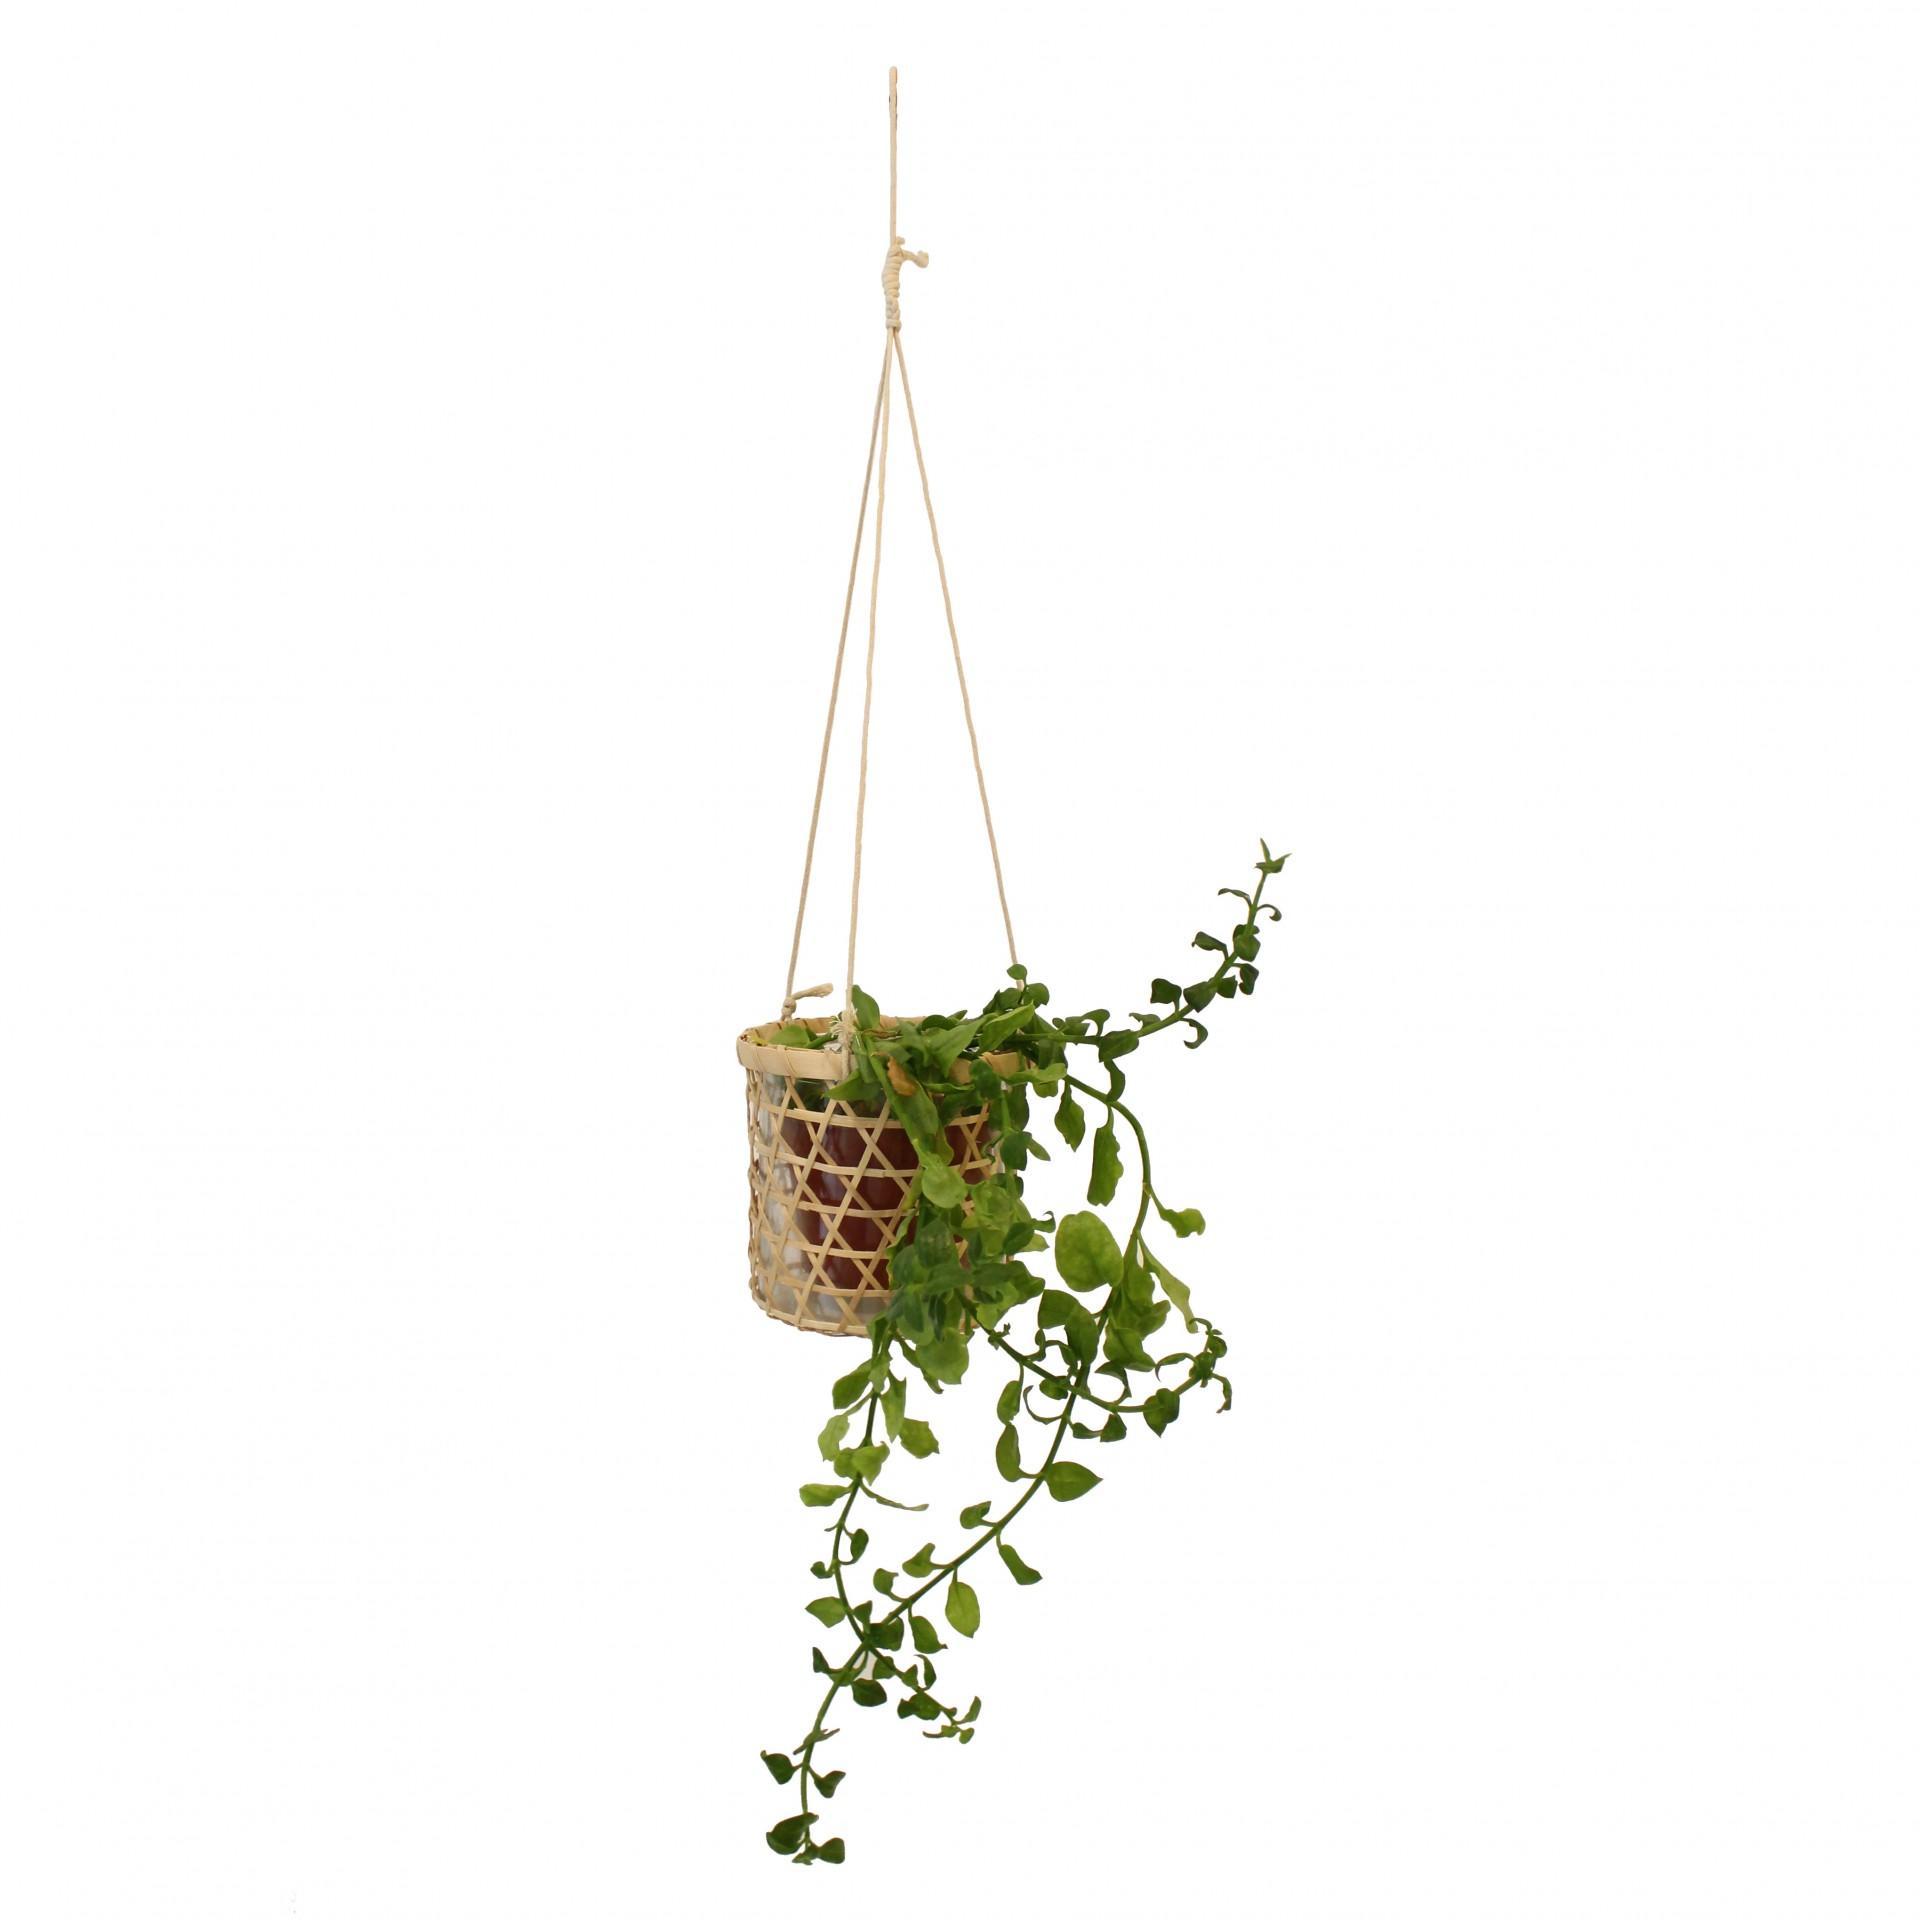 Vaso de vidro suspenso, Ø16x16 cm